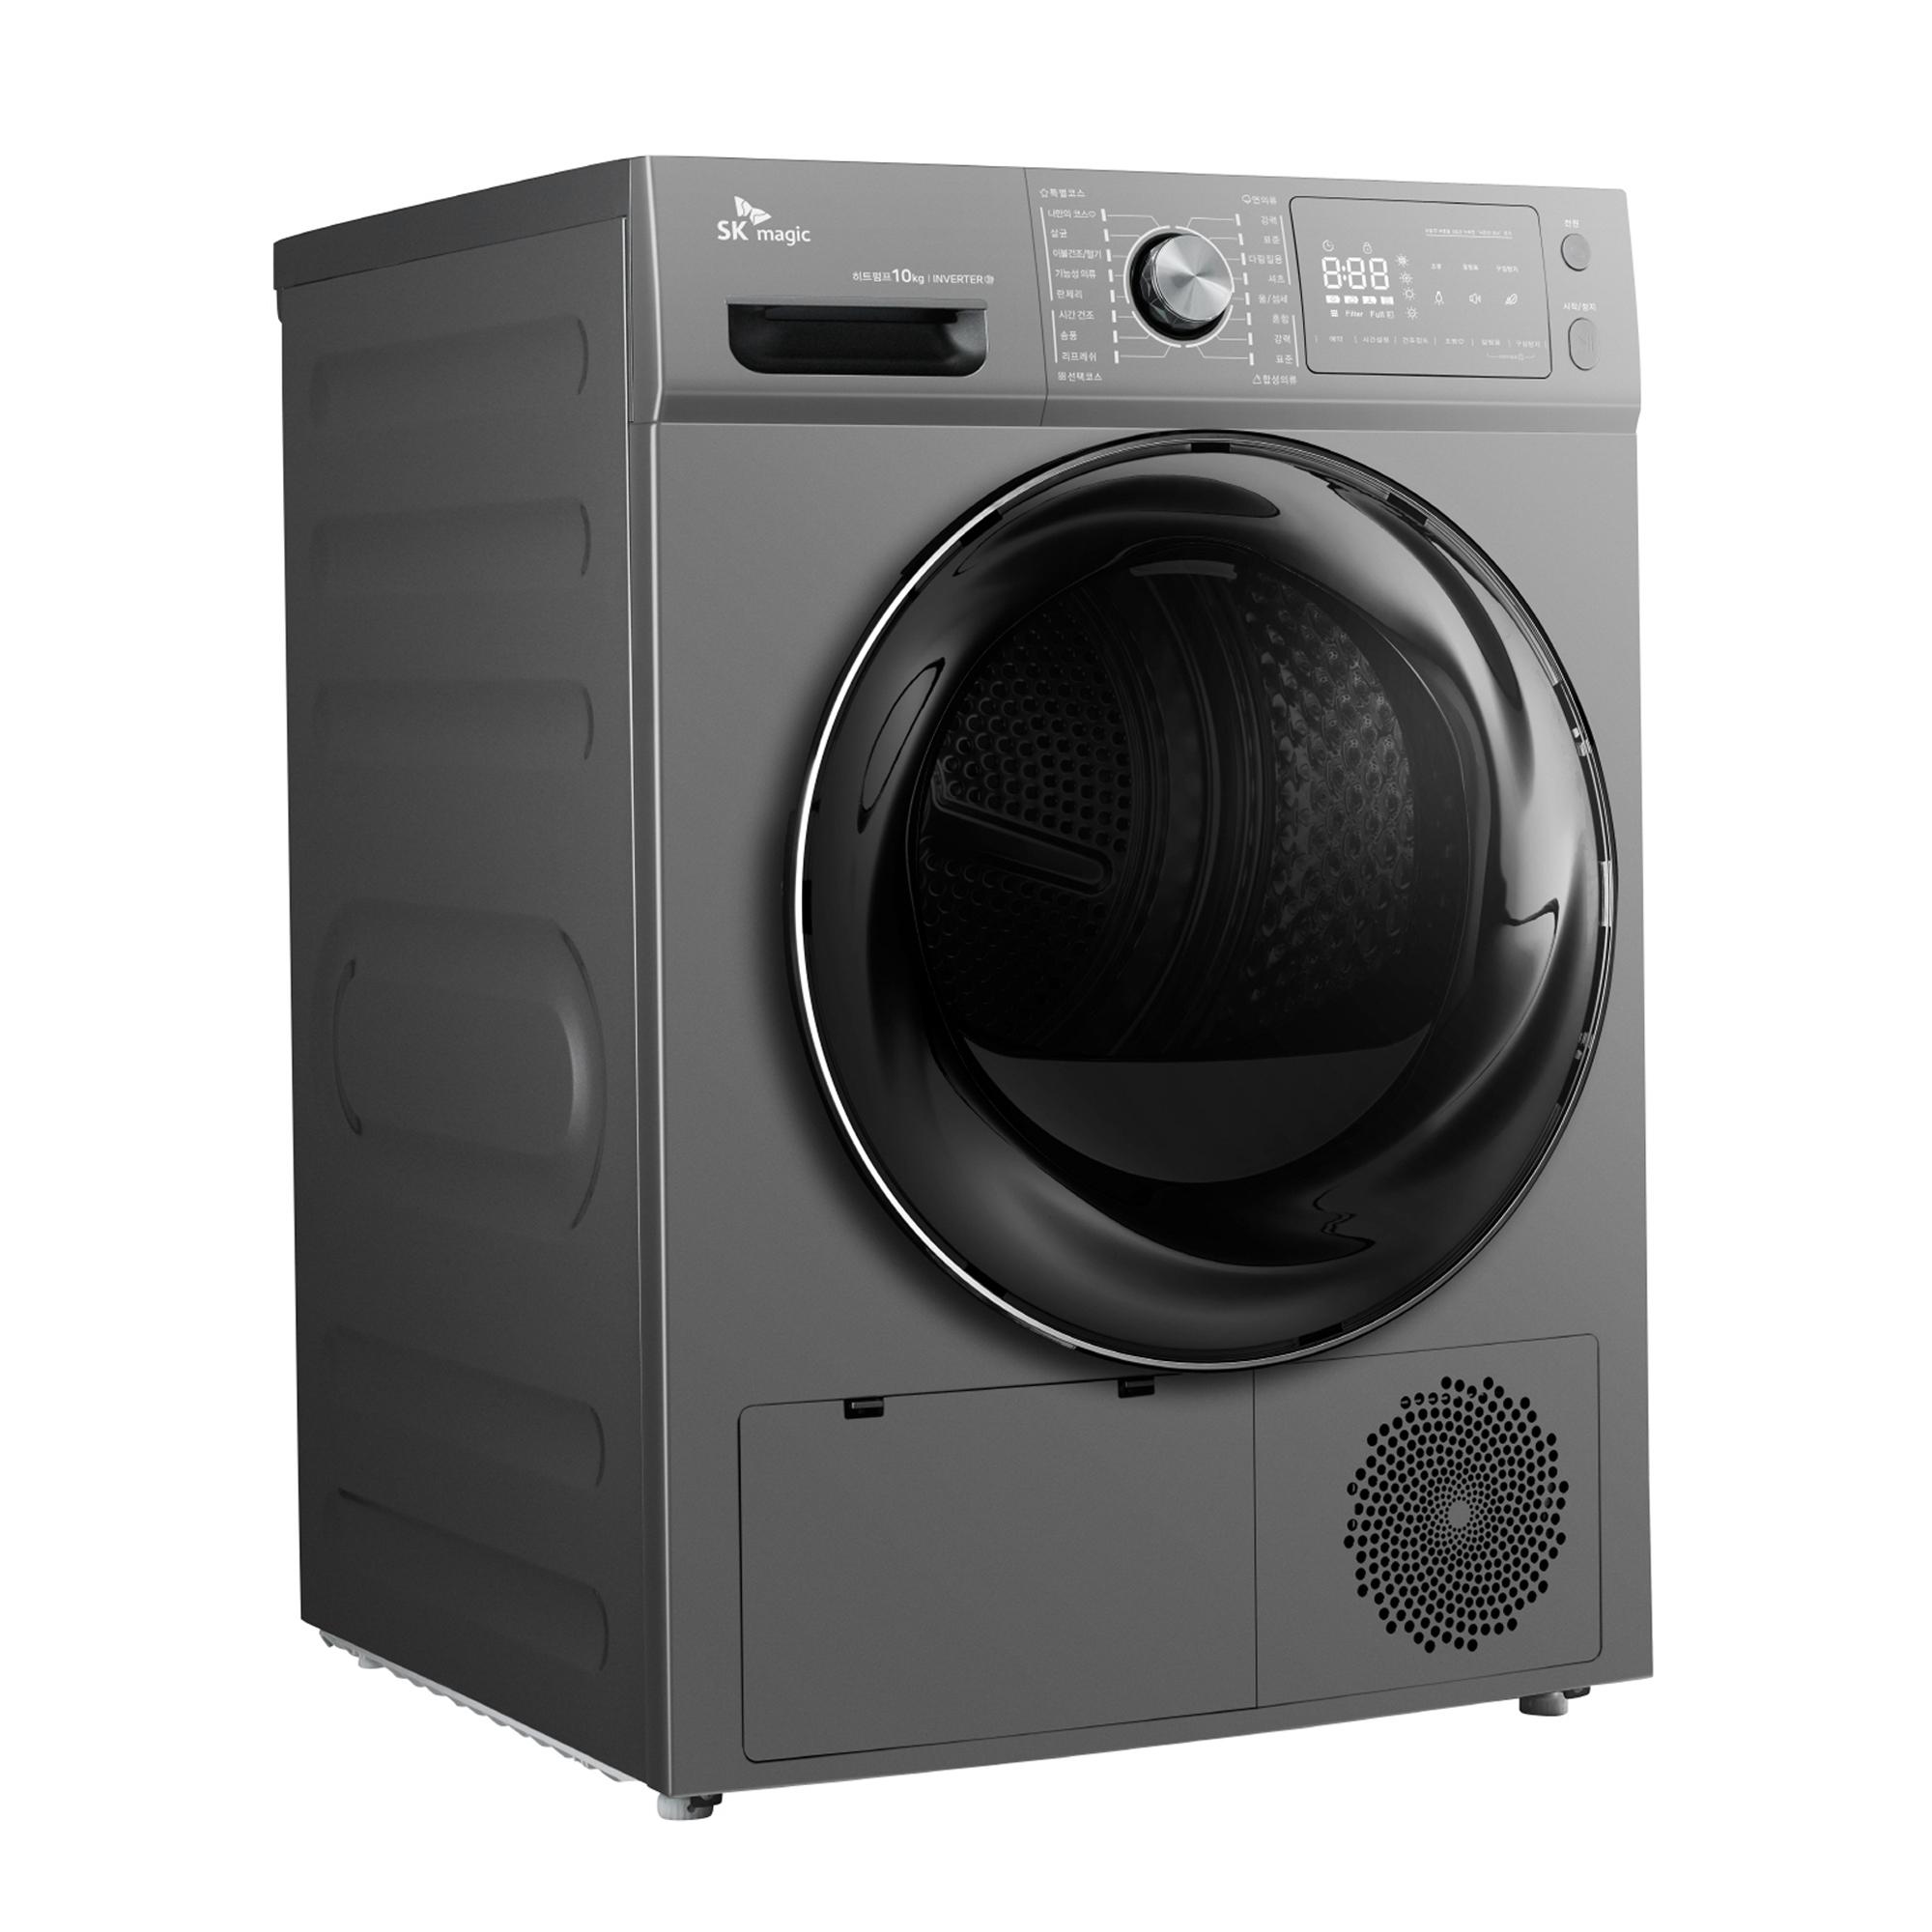 SK매직 인버터 히트펌프 건조기 렉 포함 10kg 방문설치, WDRHM10C(실버)